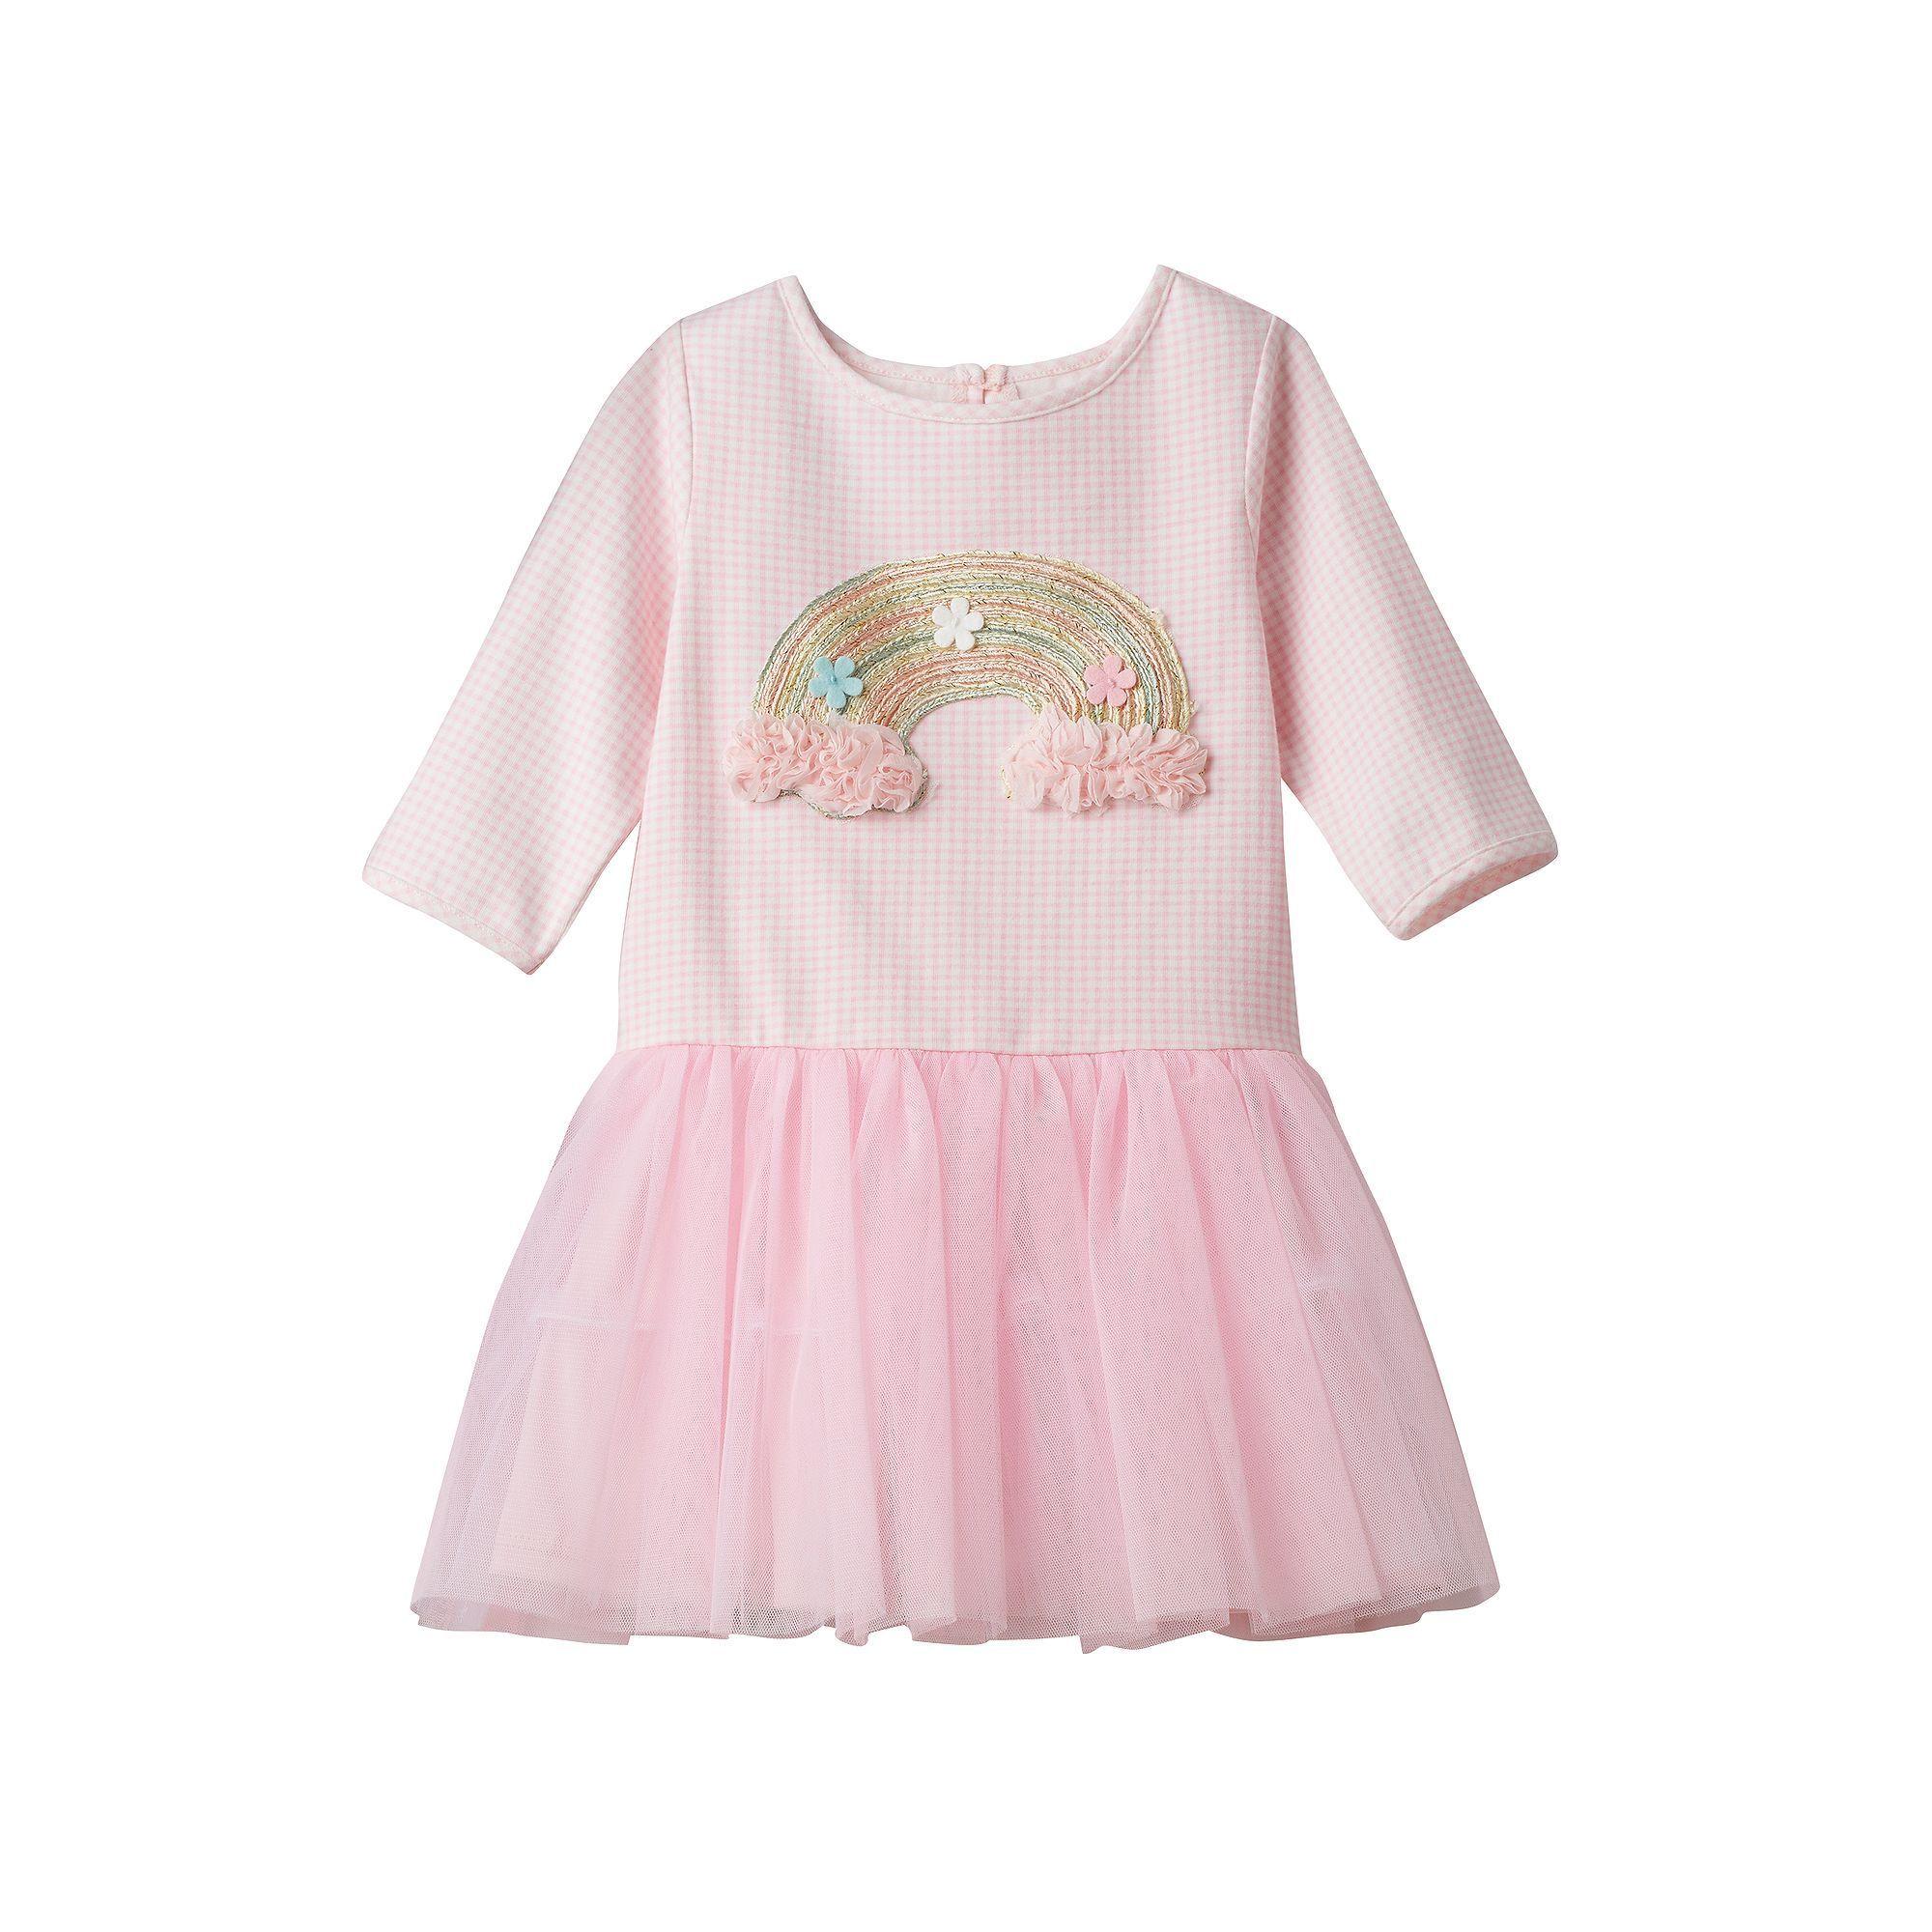 Marmellata Classics Toddler Girl Marmellata Classics Embroidered